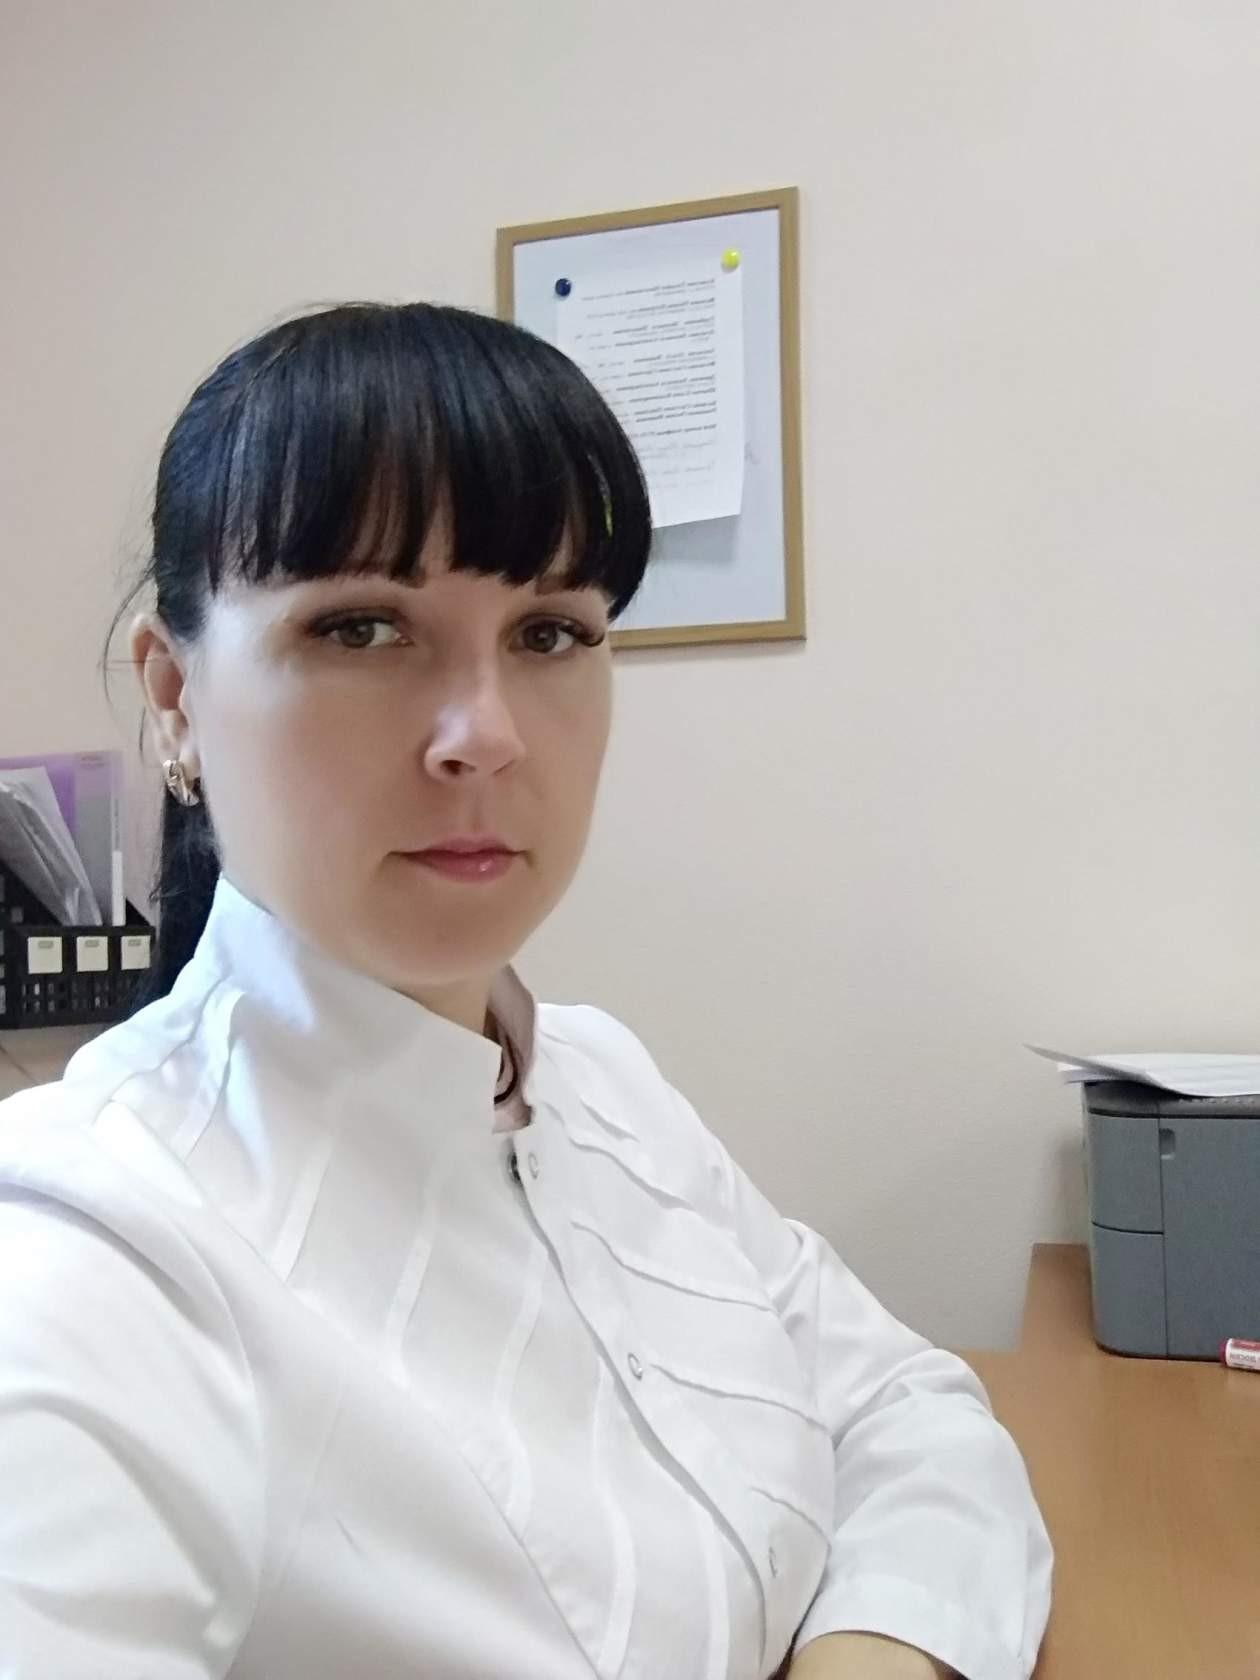 Заведующий профилактическим отделением Дулькина Инна Игоревна